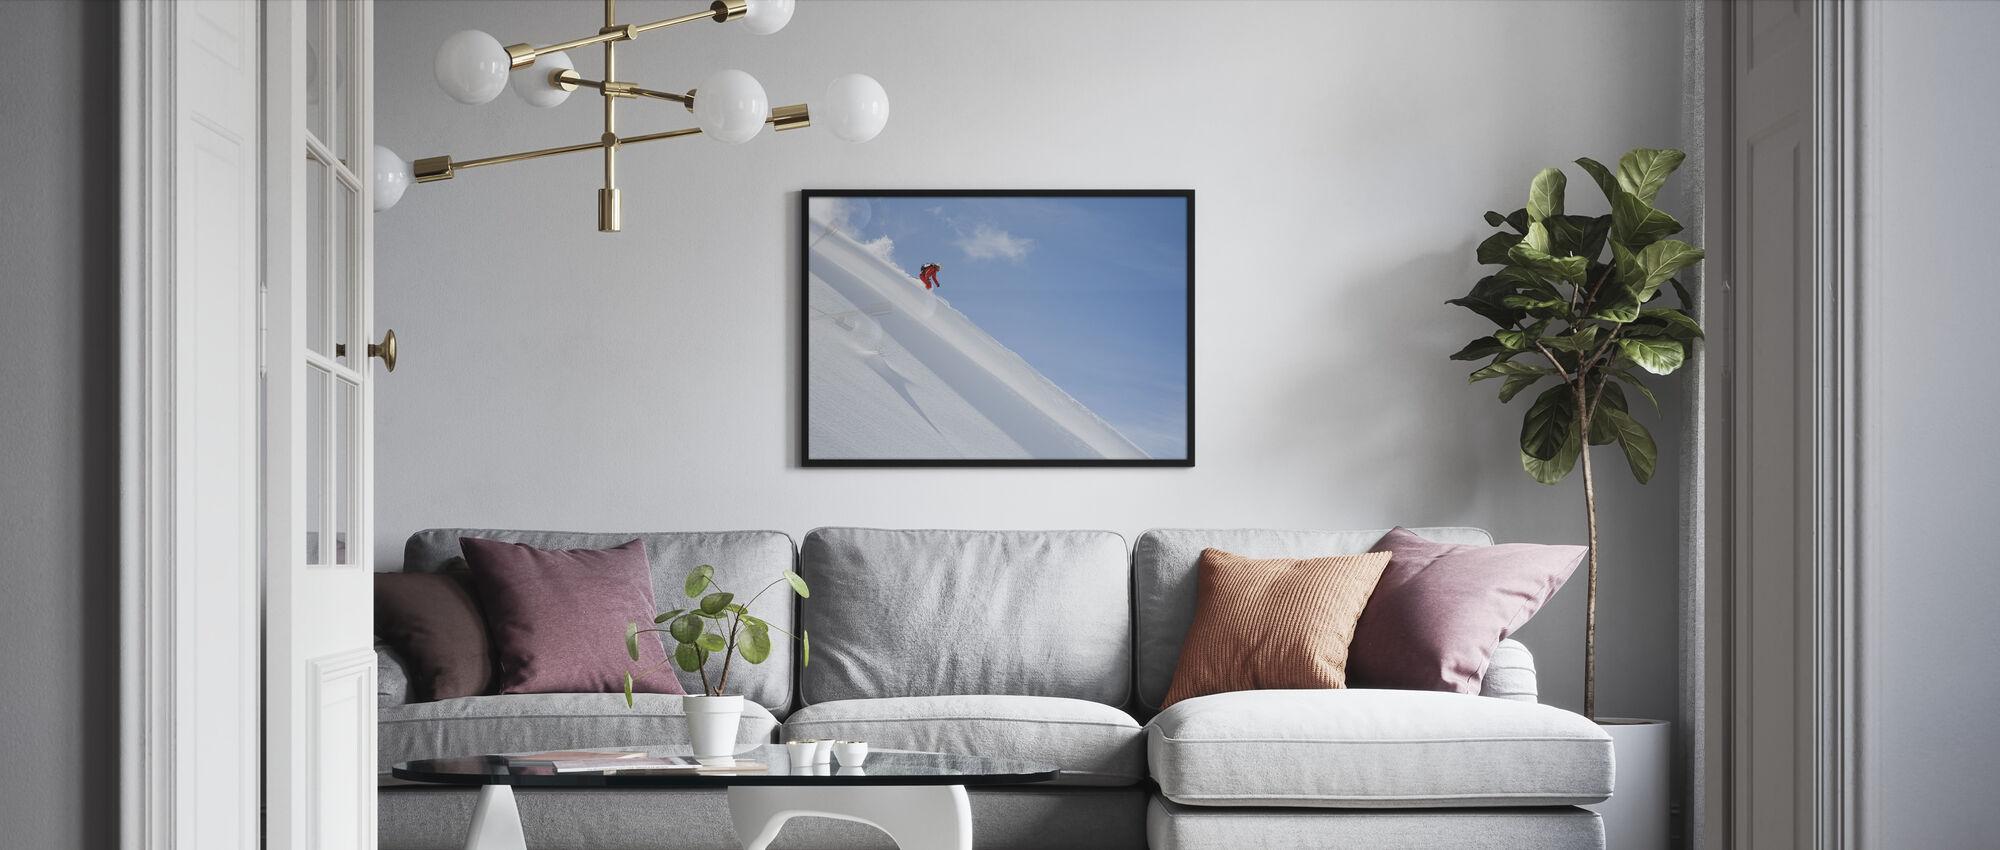 Off Piste Skiing - Framed print - Living Room